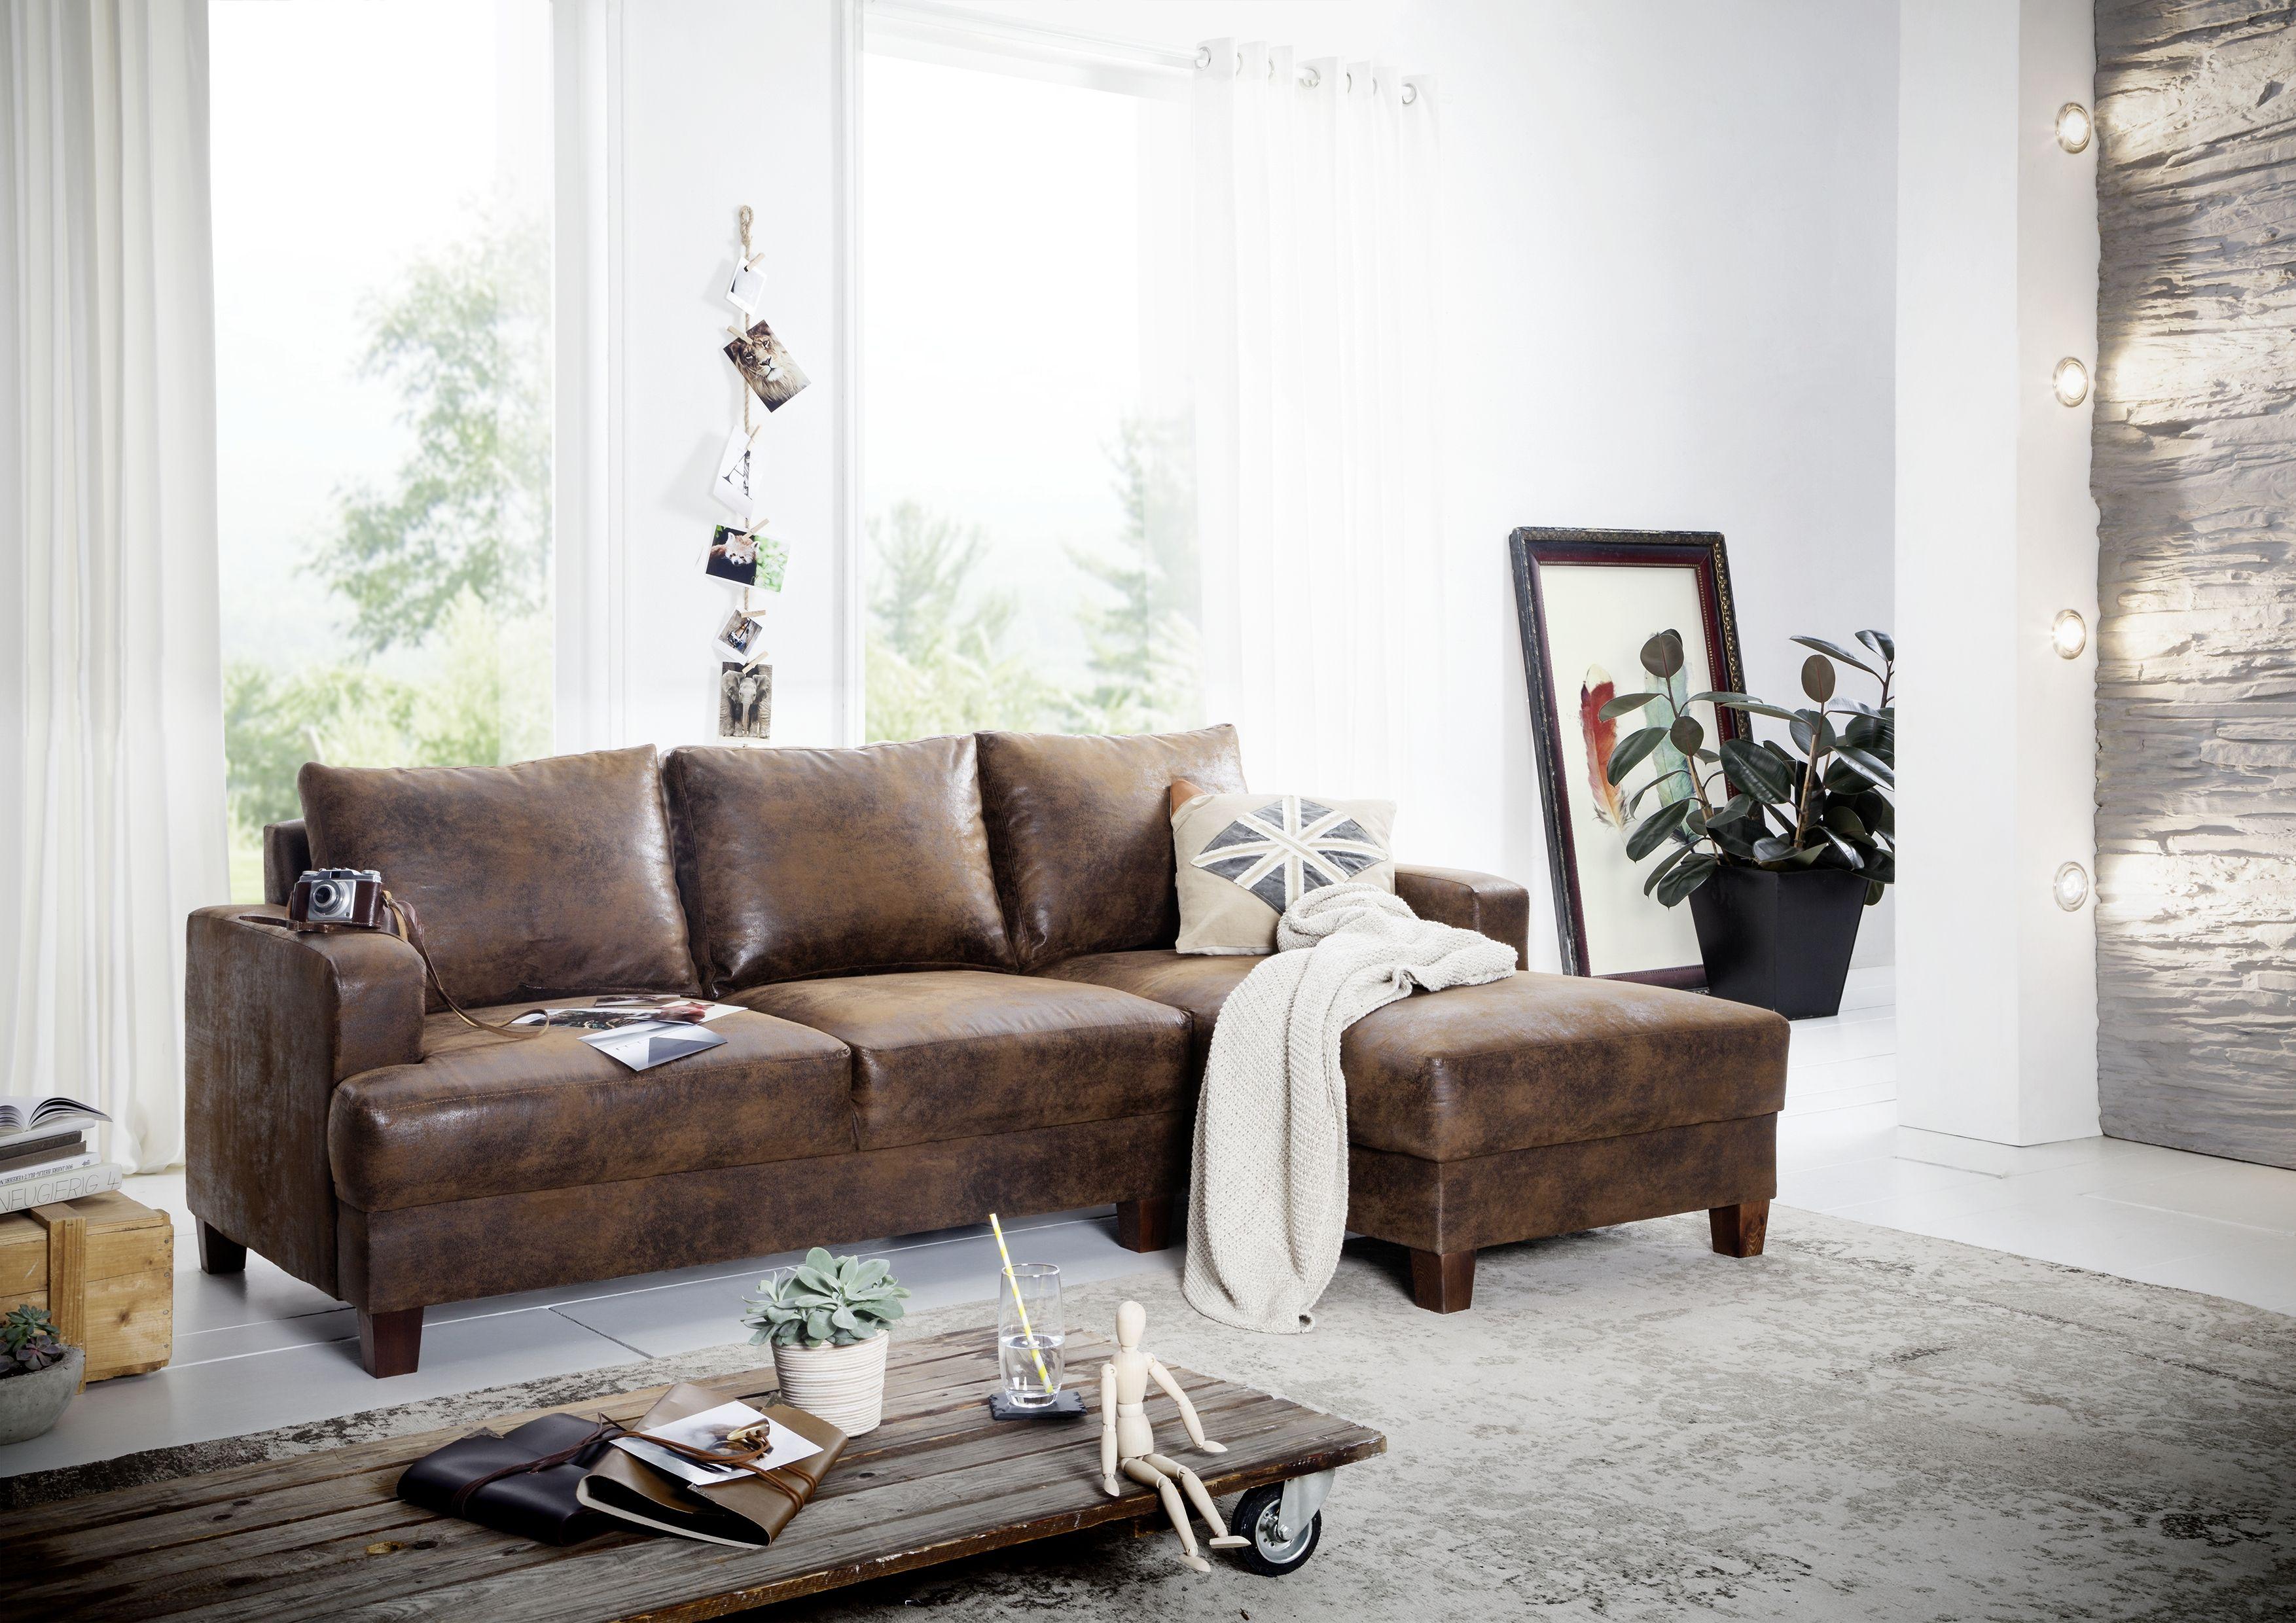 Wohnlandschaft englisch  Sofas | Sofa sessel, Sofa und Wohnlandschaft